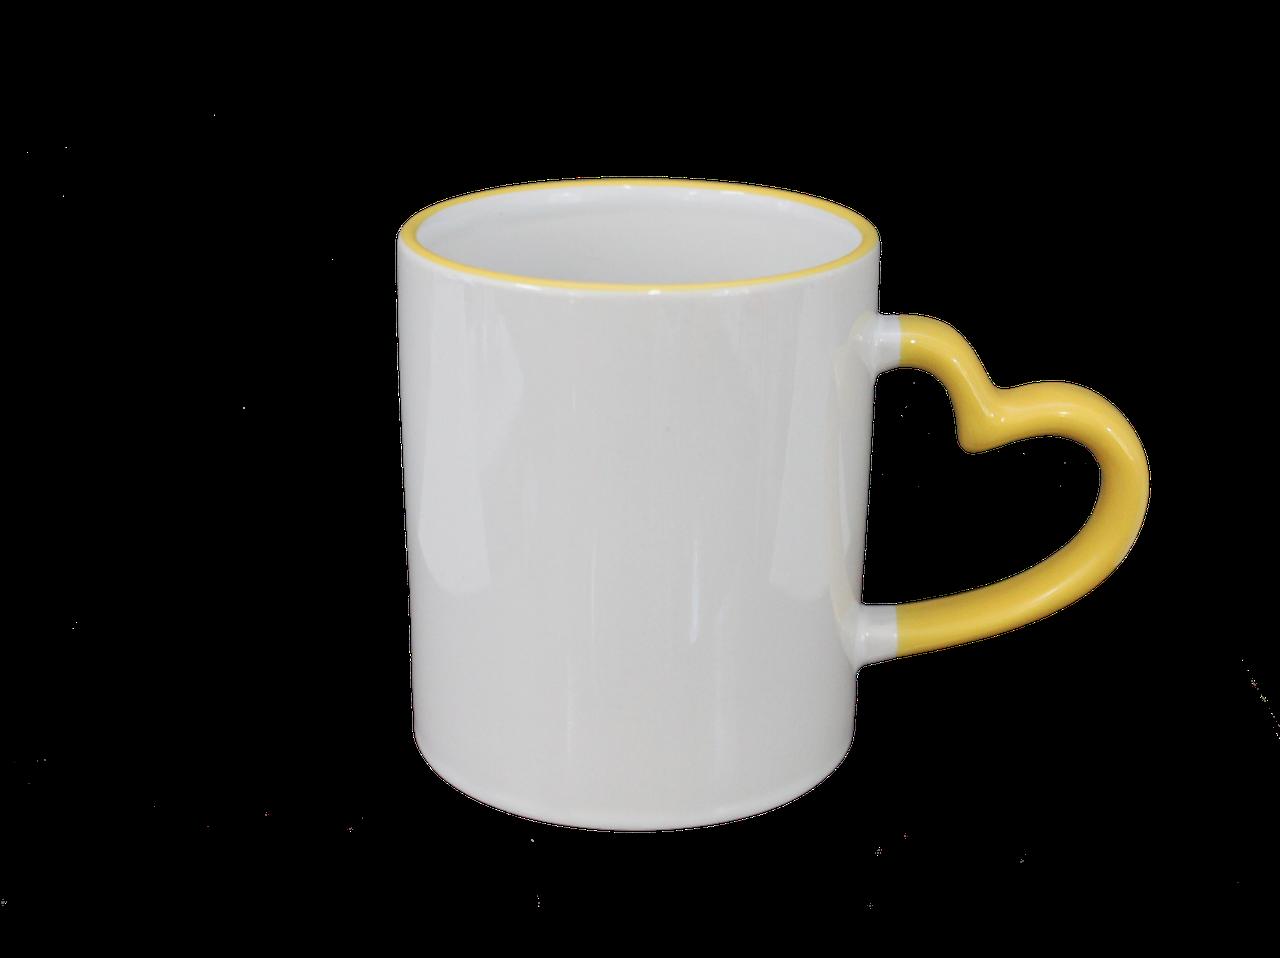 Кружка керамическая белая ободок и ручка сердце желтая